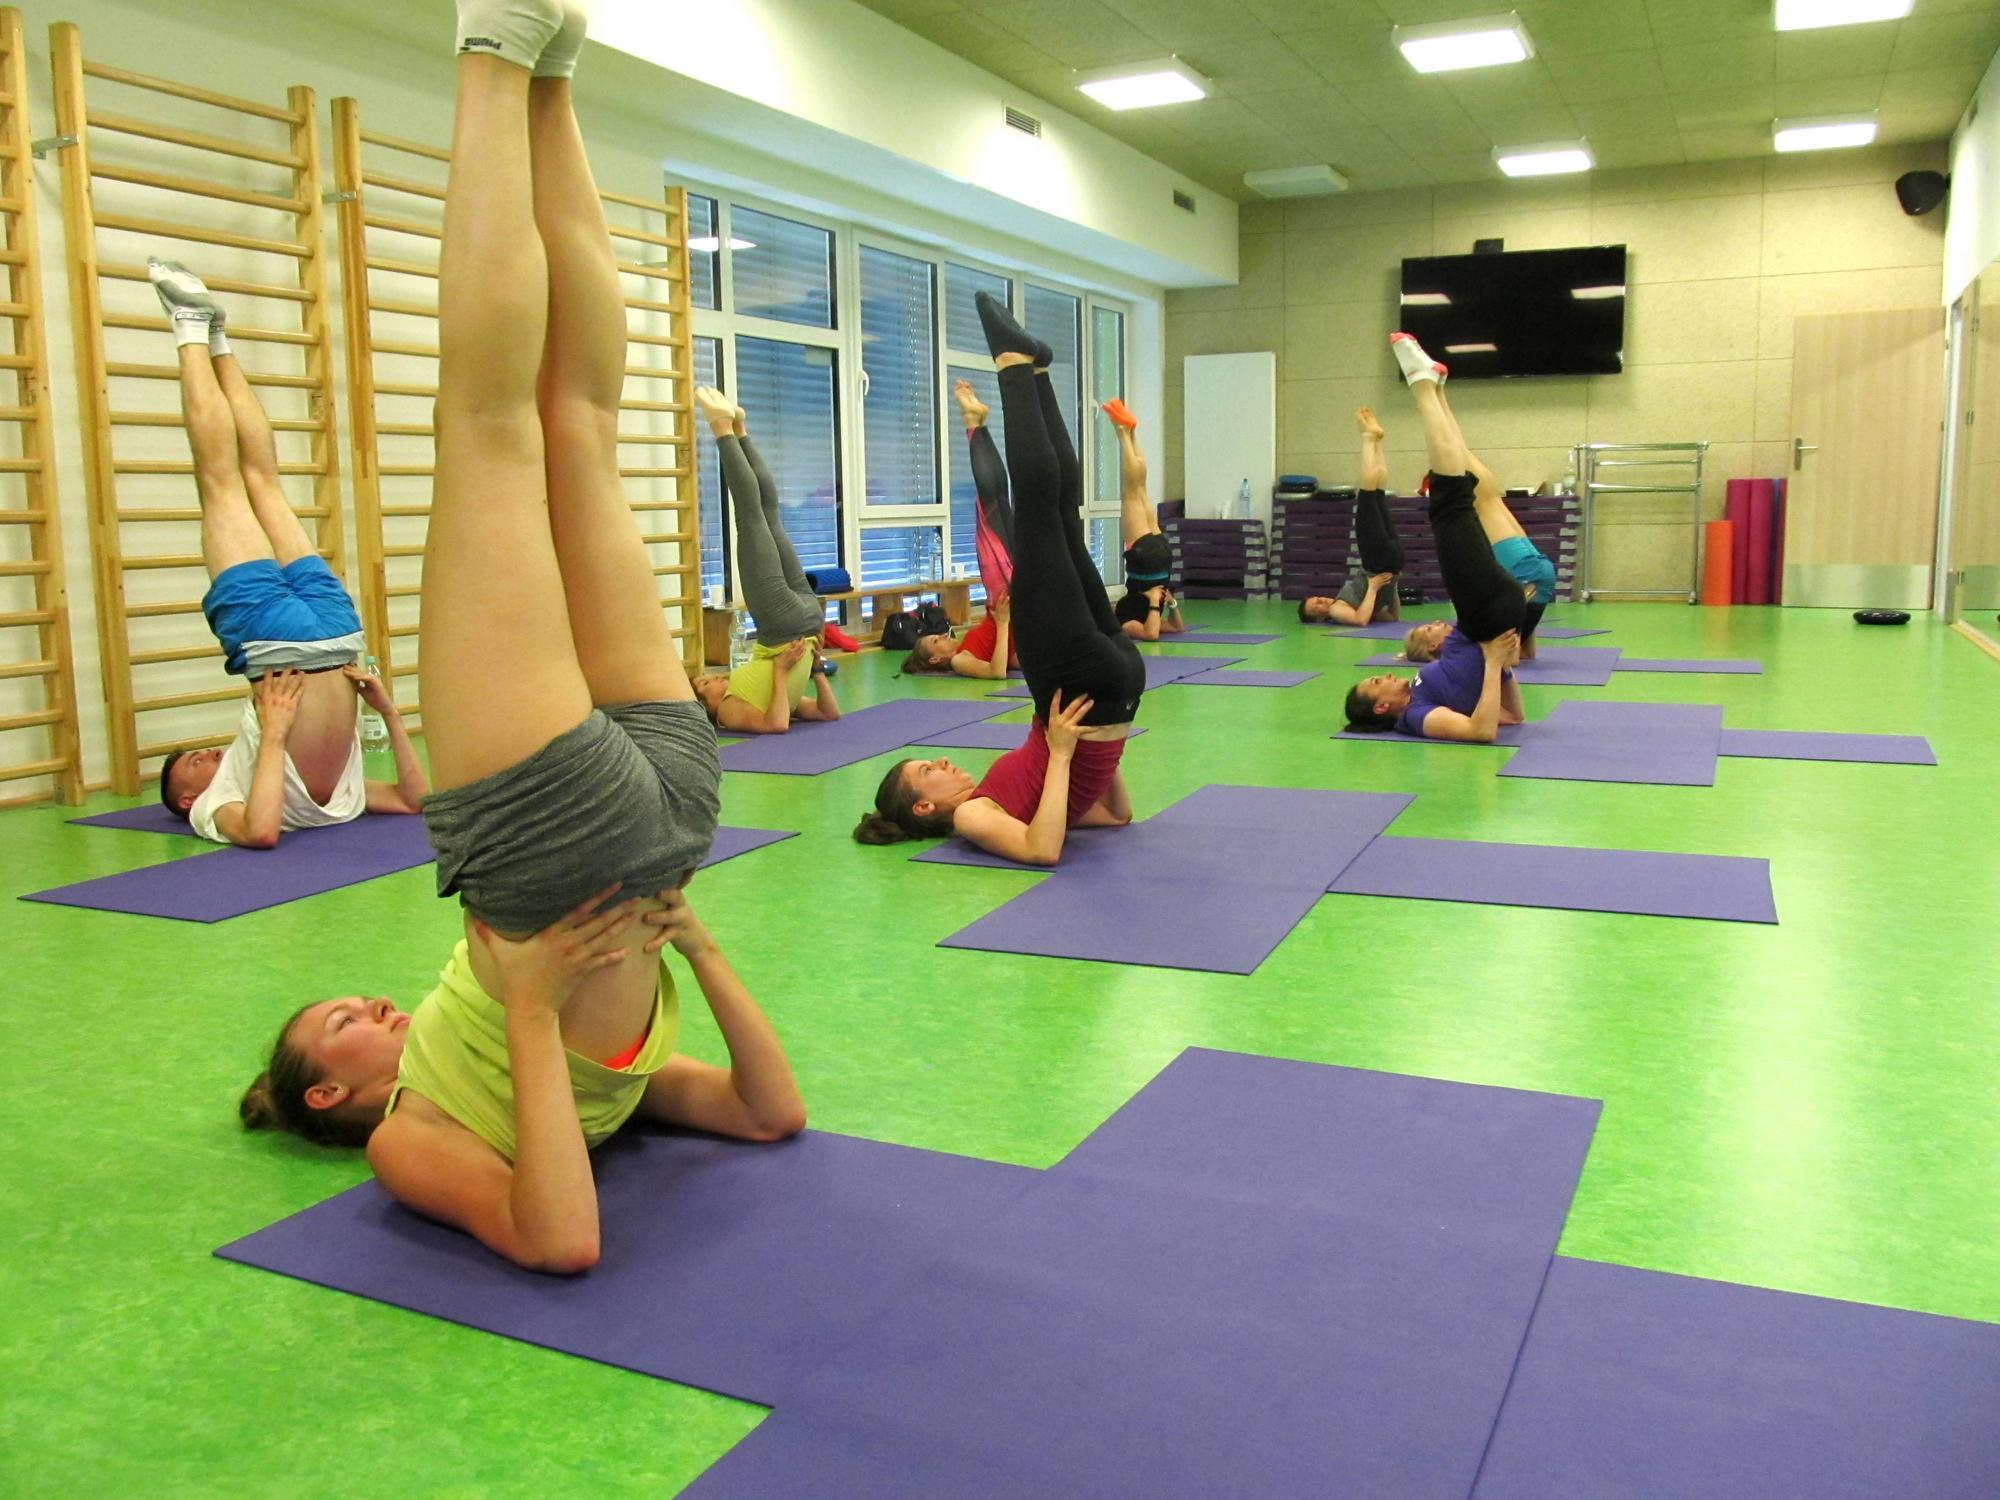 Szkolenie Pilates w tańcu- dance